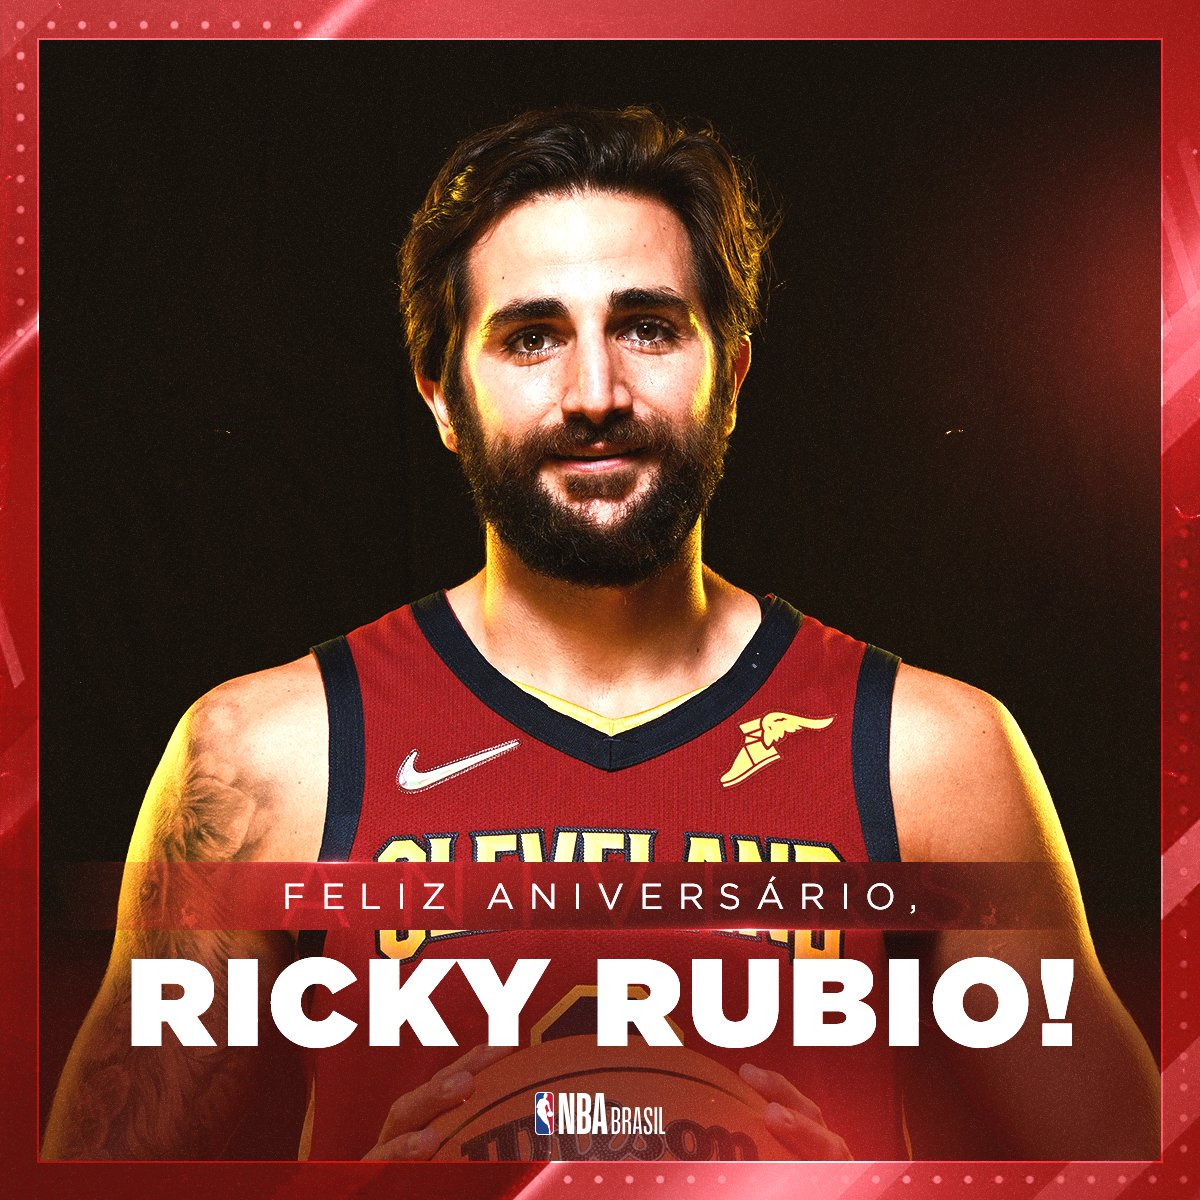 Feliz Aniversário, @rickyrubio9! 🥳🇪🇸  O armador espanhol dos @cavs completa 31 anos nesta quinta! #NBABDAY #BeTheFight